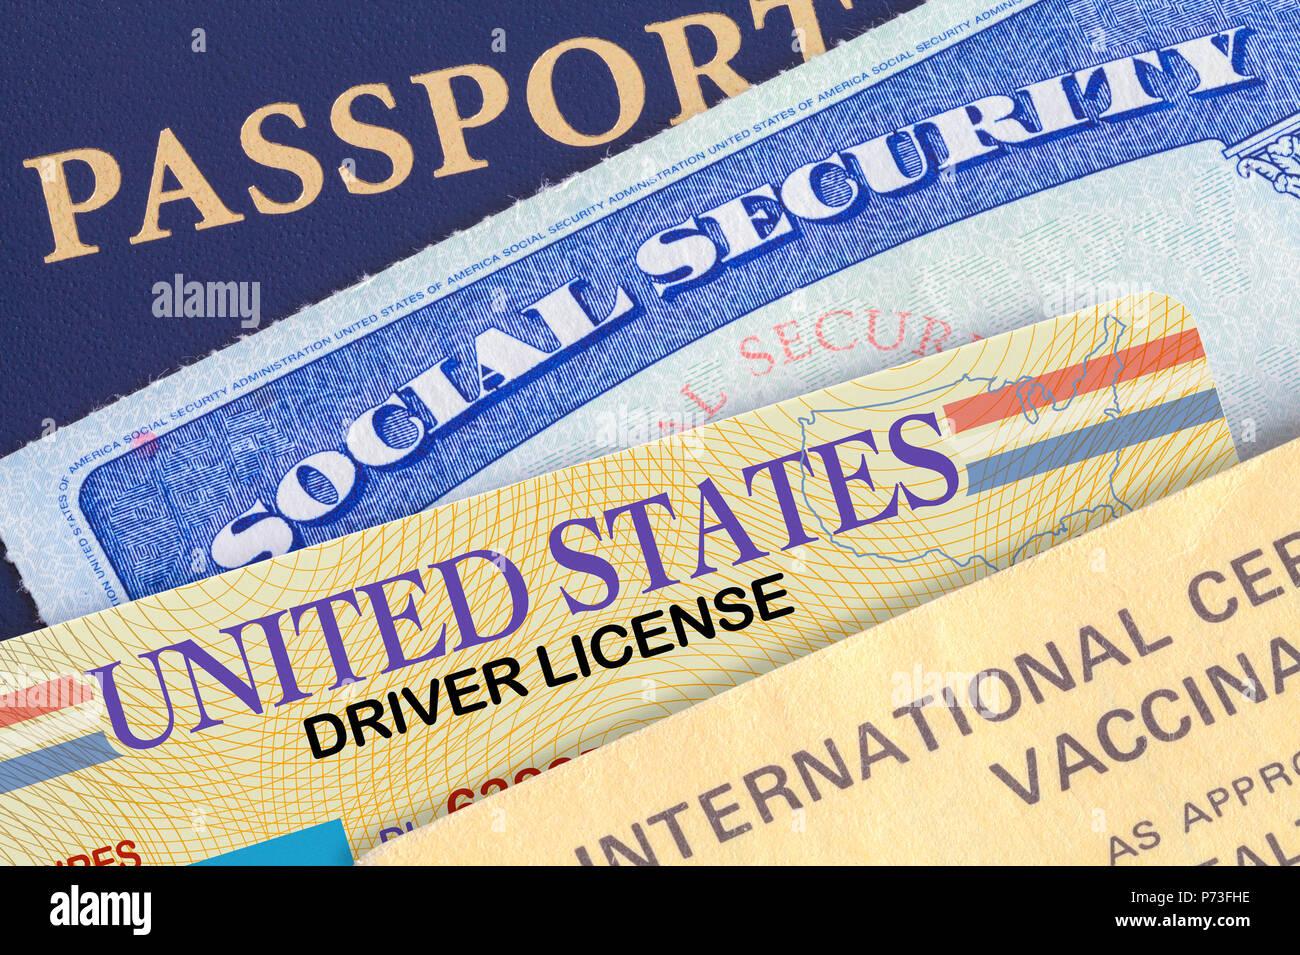 Ee.Uu. Pasaporte con la tarjeta de seguridad social, licencia de conducir y registro de filmación. Imagen De Stock